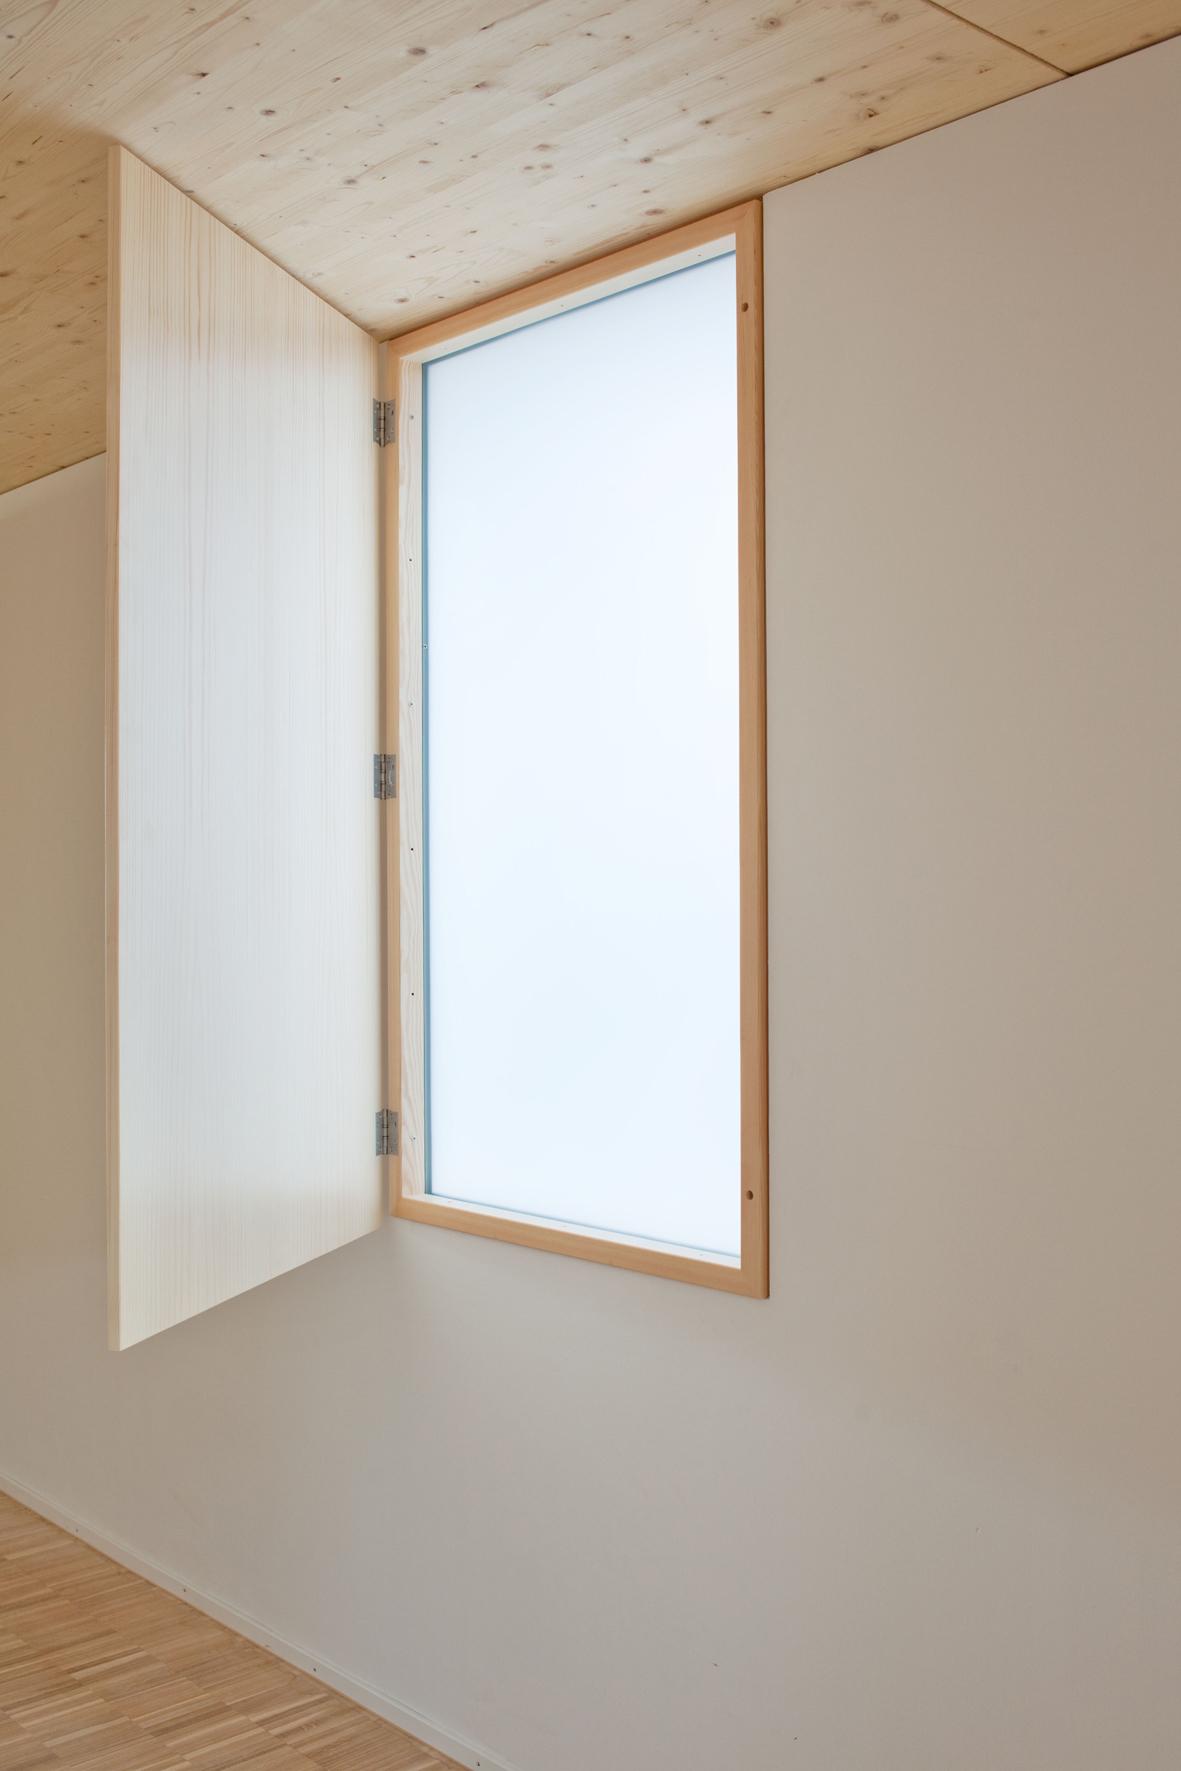 E energieeffizienter wohnungsbau muenchenarchitektur for Fenster treppenhaus